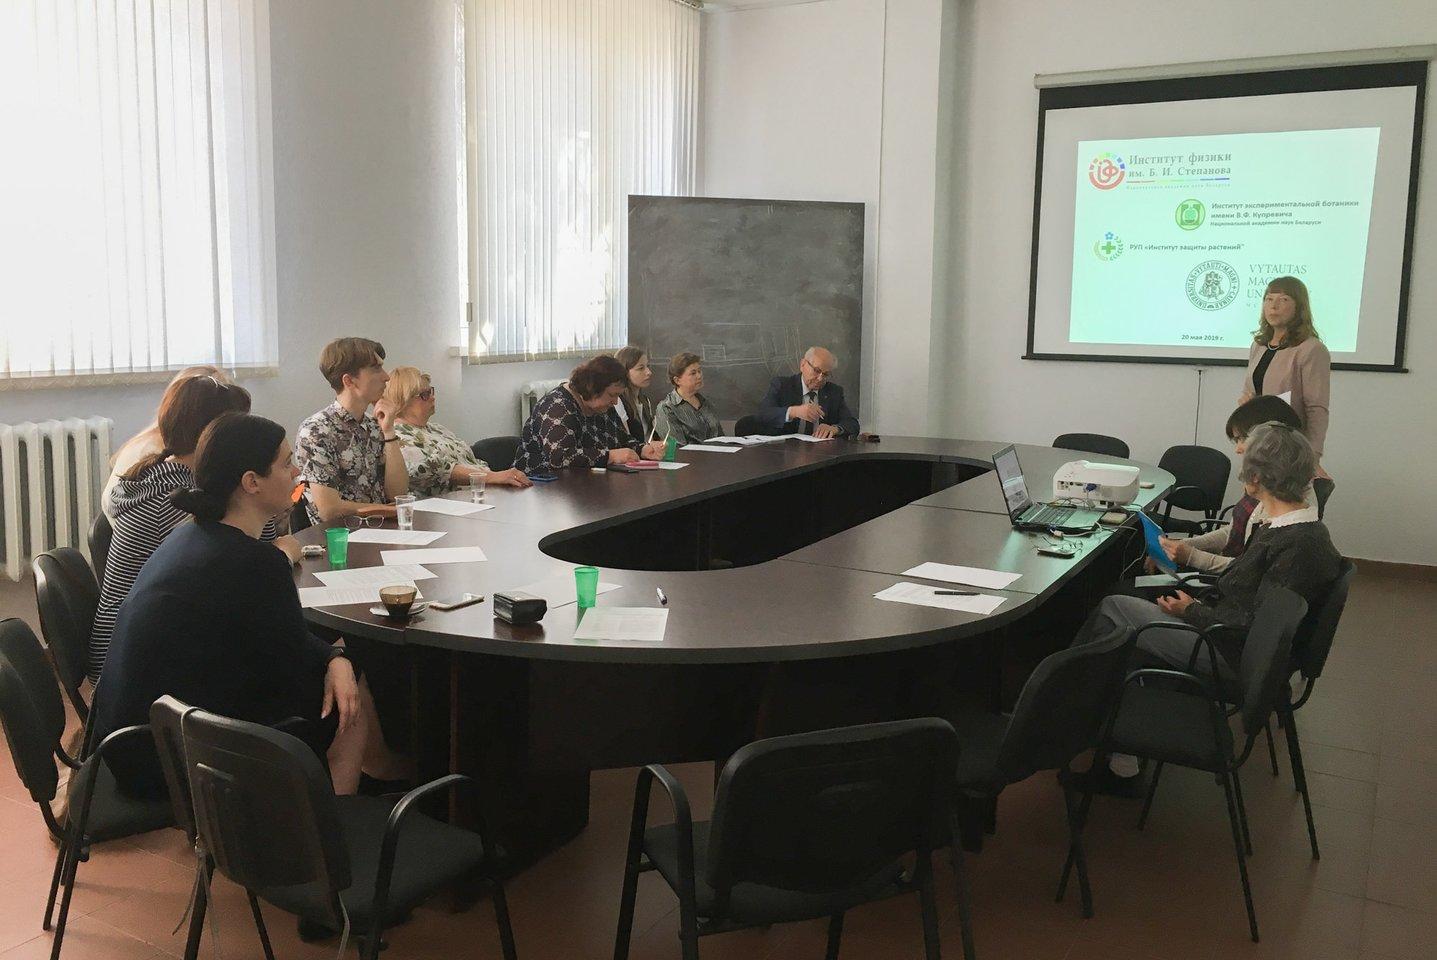 VDU Botanikos sodo ir Gamtos mokslo fakulteto atstovai vyko į Minską, kur Lietuvos ir Baltarusijos fizikai, biochemikai, mikrobiologai, zoologai bei botanikai susitiko pasidalinti patirtimi ir aptarti tyrimų planų.